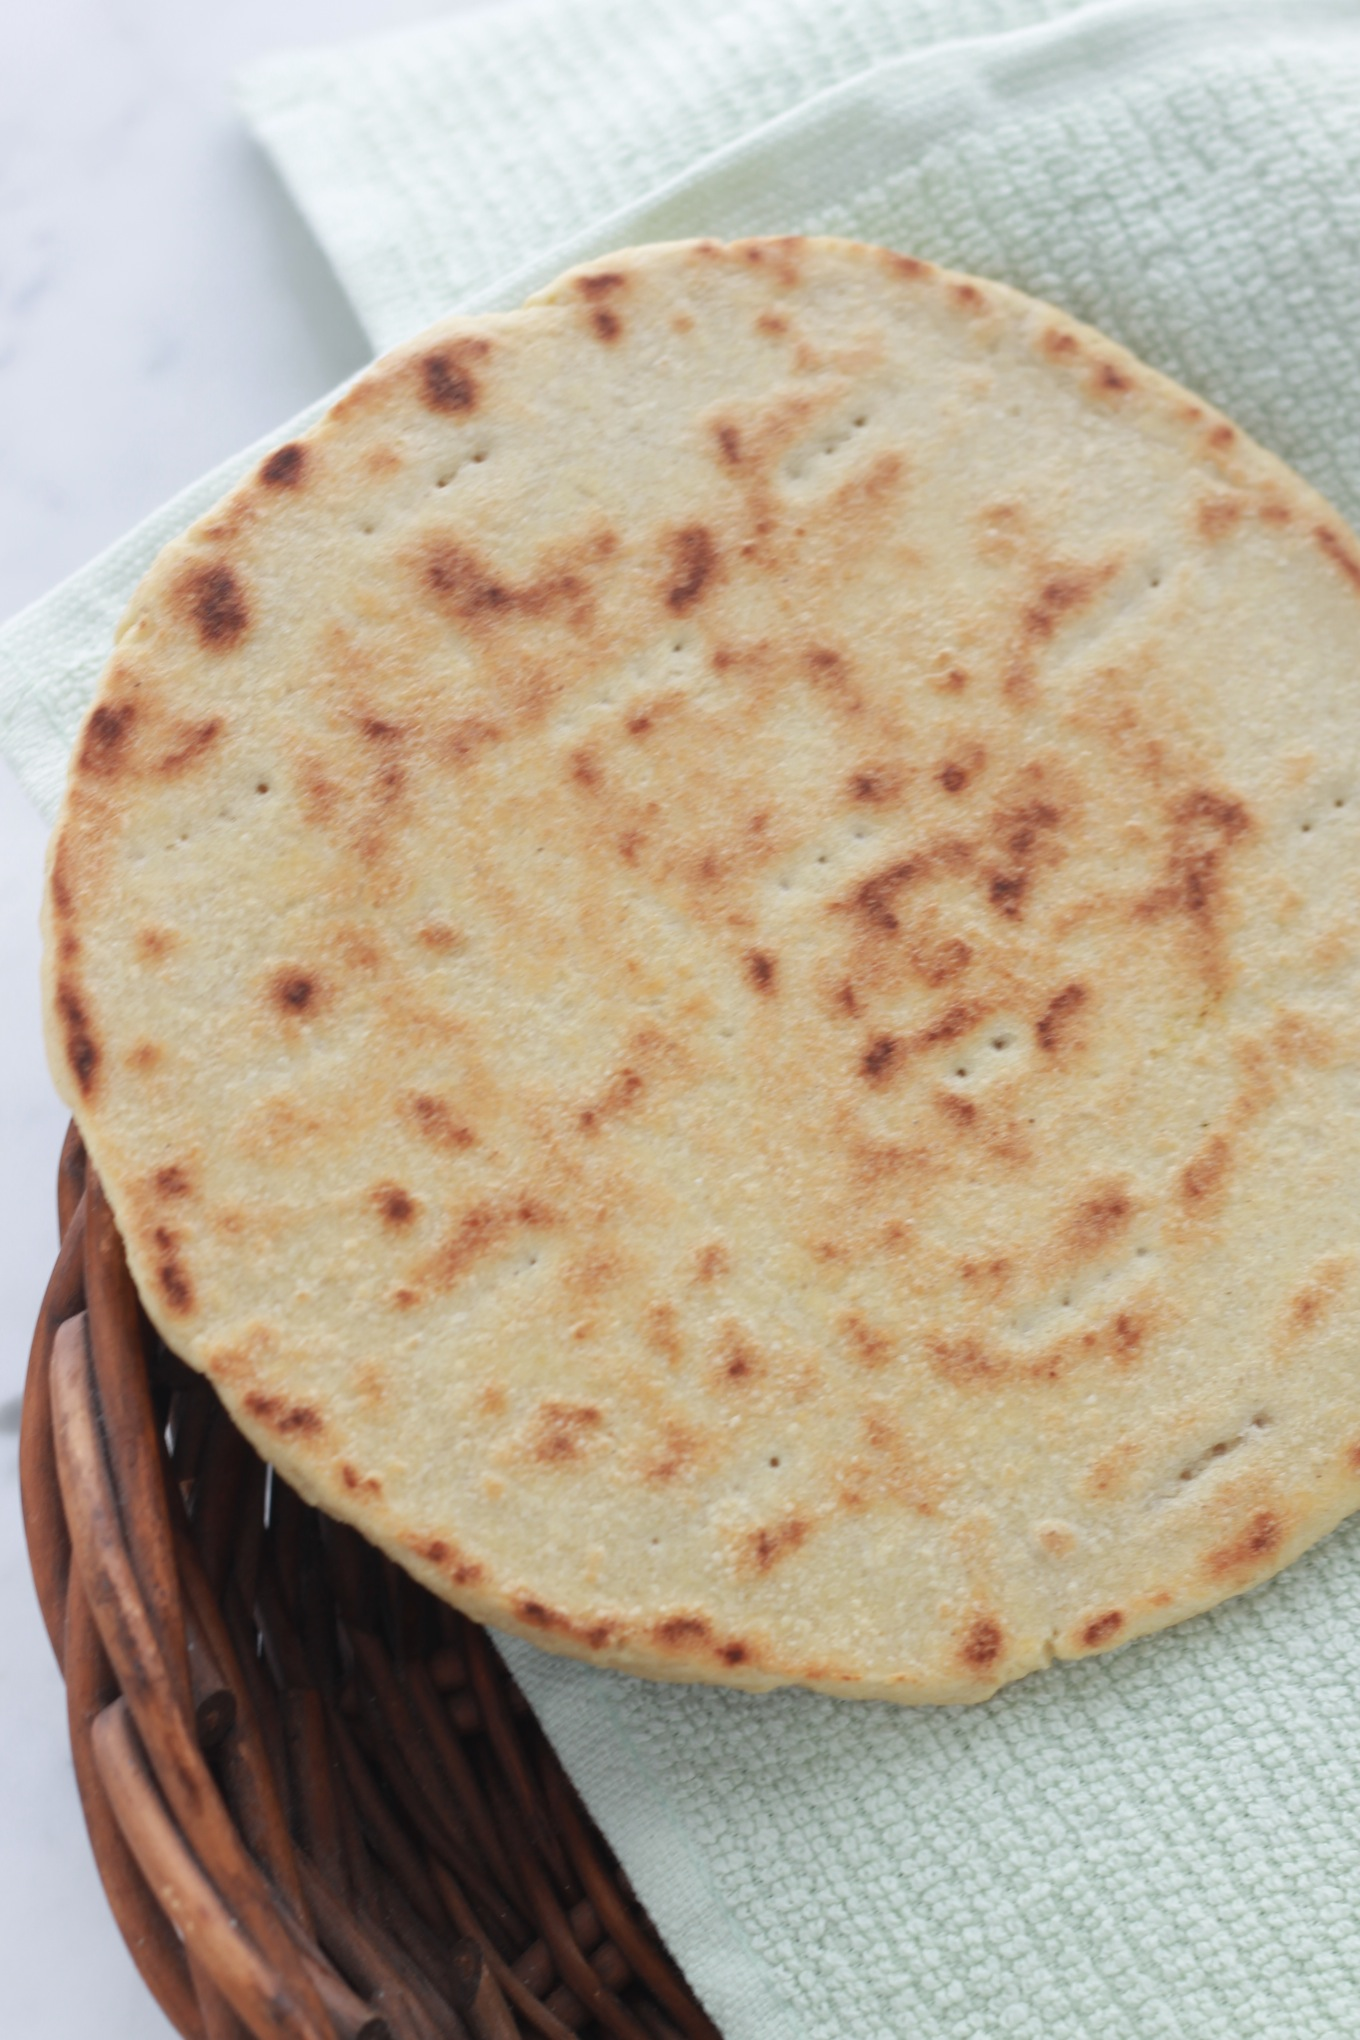 Galette de semoule très facile et rapide, sans pétrissage et sans levure. Un minimum d'ingrédients : semoule, sel, eau et éventuellement un peu d'huile. Parfaite pour accompagner de nombreux plats : salade algérienne de poivrons grillés et tomates, la chekchouka ou ratatouille algérienne, les soupes traditionnelles ... Autres noms : kessra en arabe, harcha au Maroc, aghroum / cuisineculinaire.com